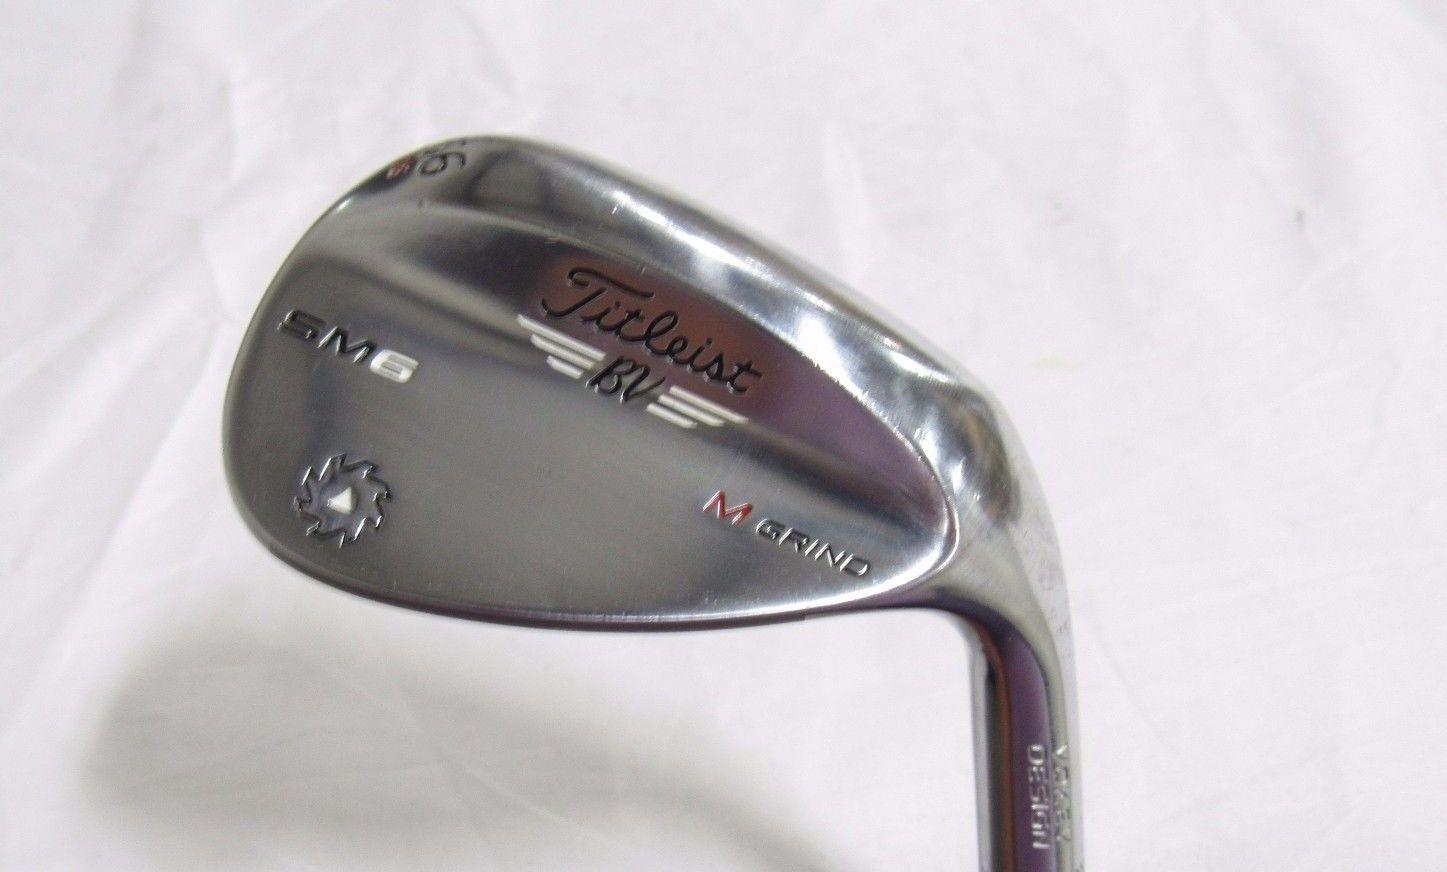 Usado RH Titleist  SM6 (Cromo) 56  cuña de arena M-Grind 56.08 Cuña de Acero Flex SM-6  A la venta con descuento del 70%.